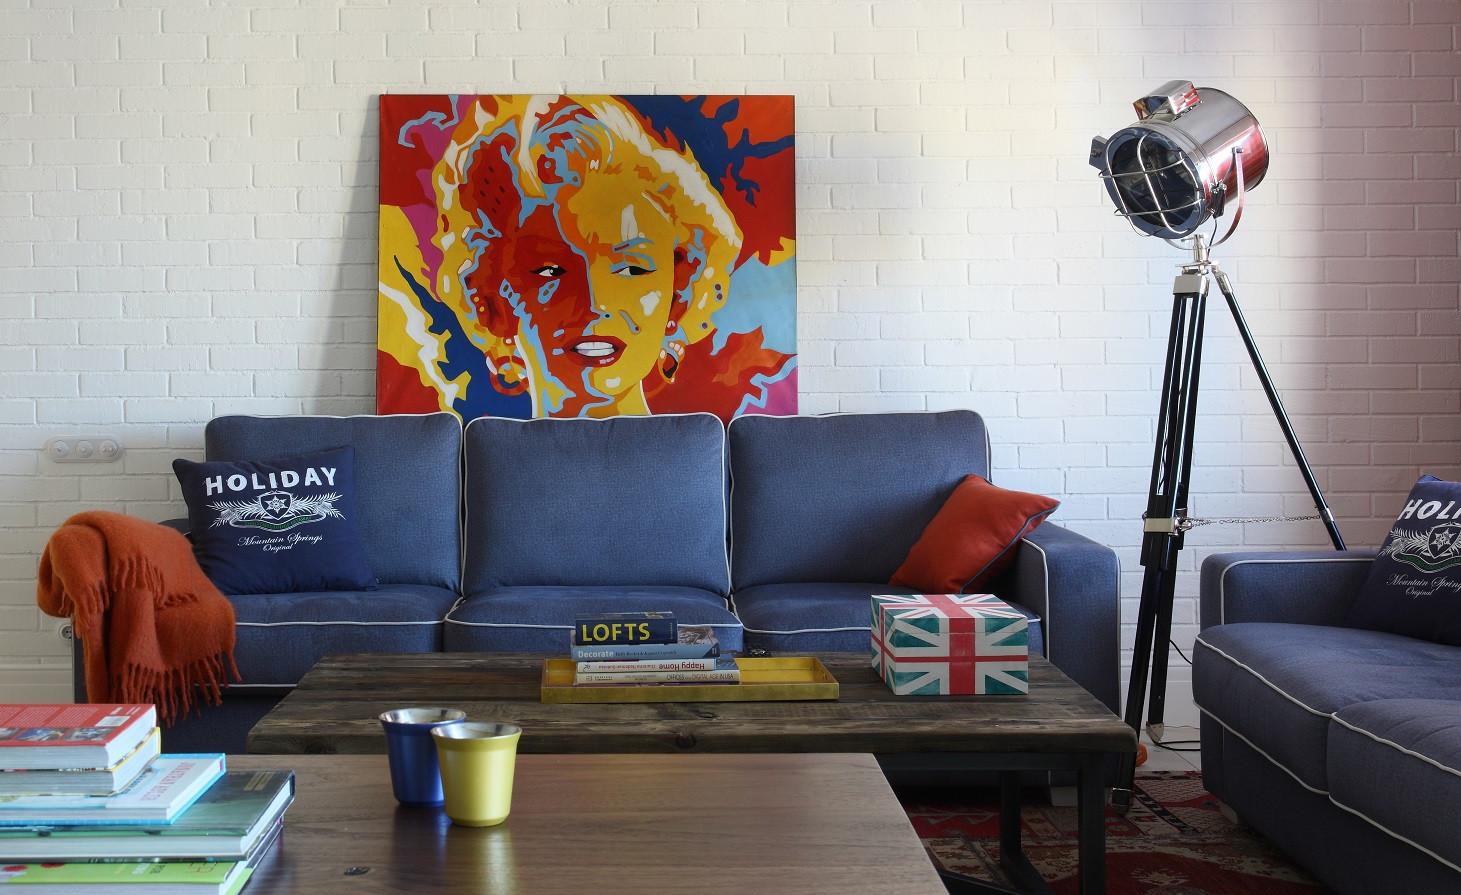 客厅摆放着蓝色的沙发,以及沙发的背景墙放置着炫彩的画,点缀着整个客厅的艺术气息